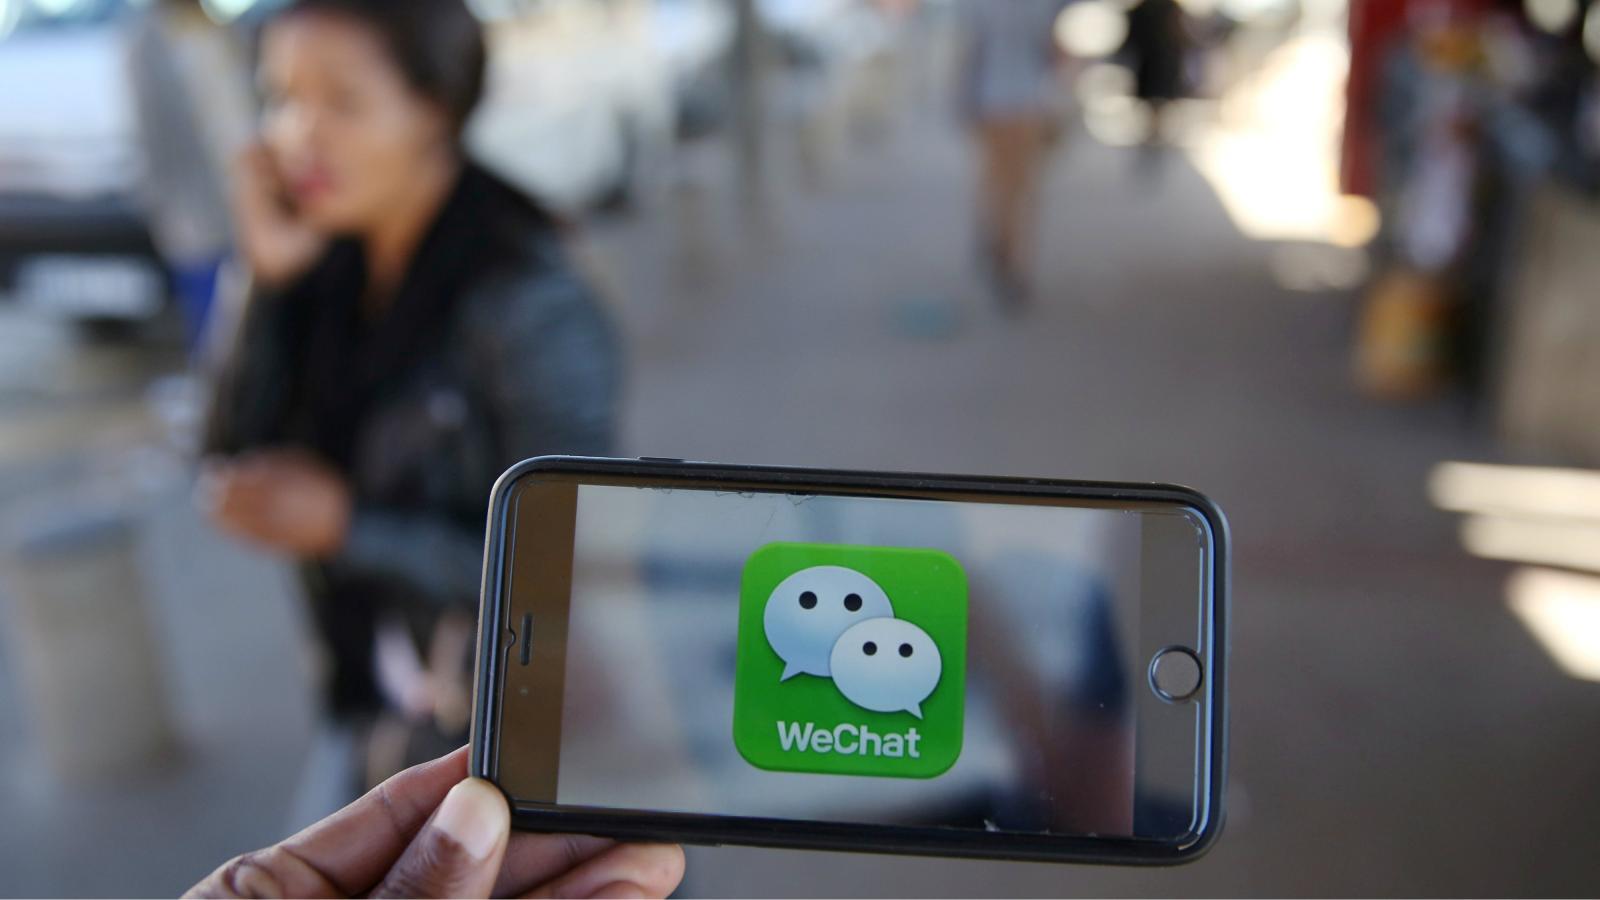 BNI Pakai WeChat dan Alipay sebagai Dompet Digital